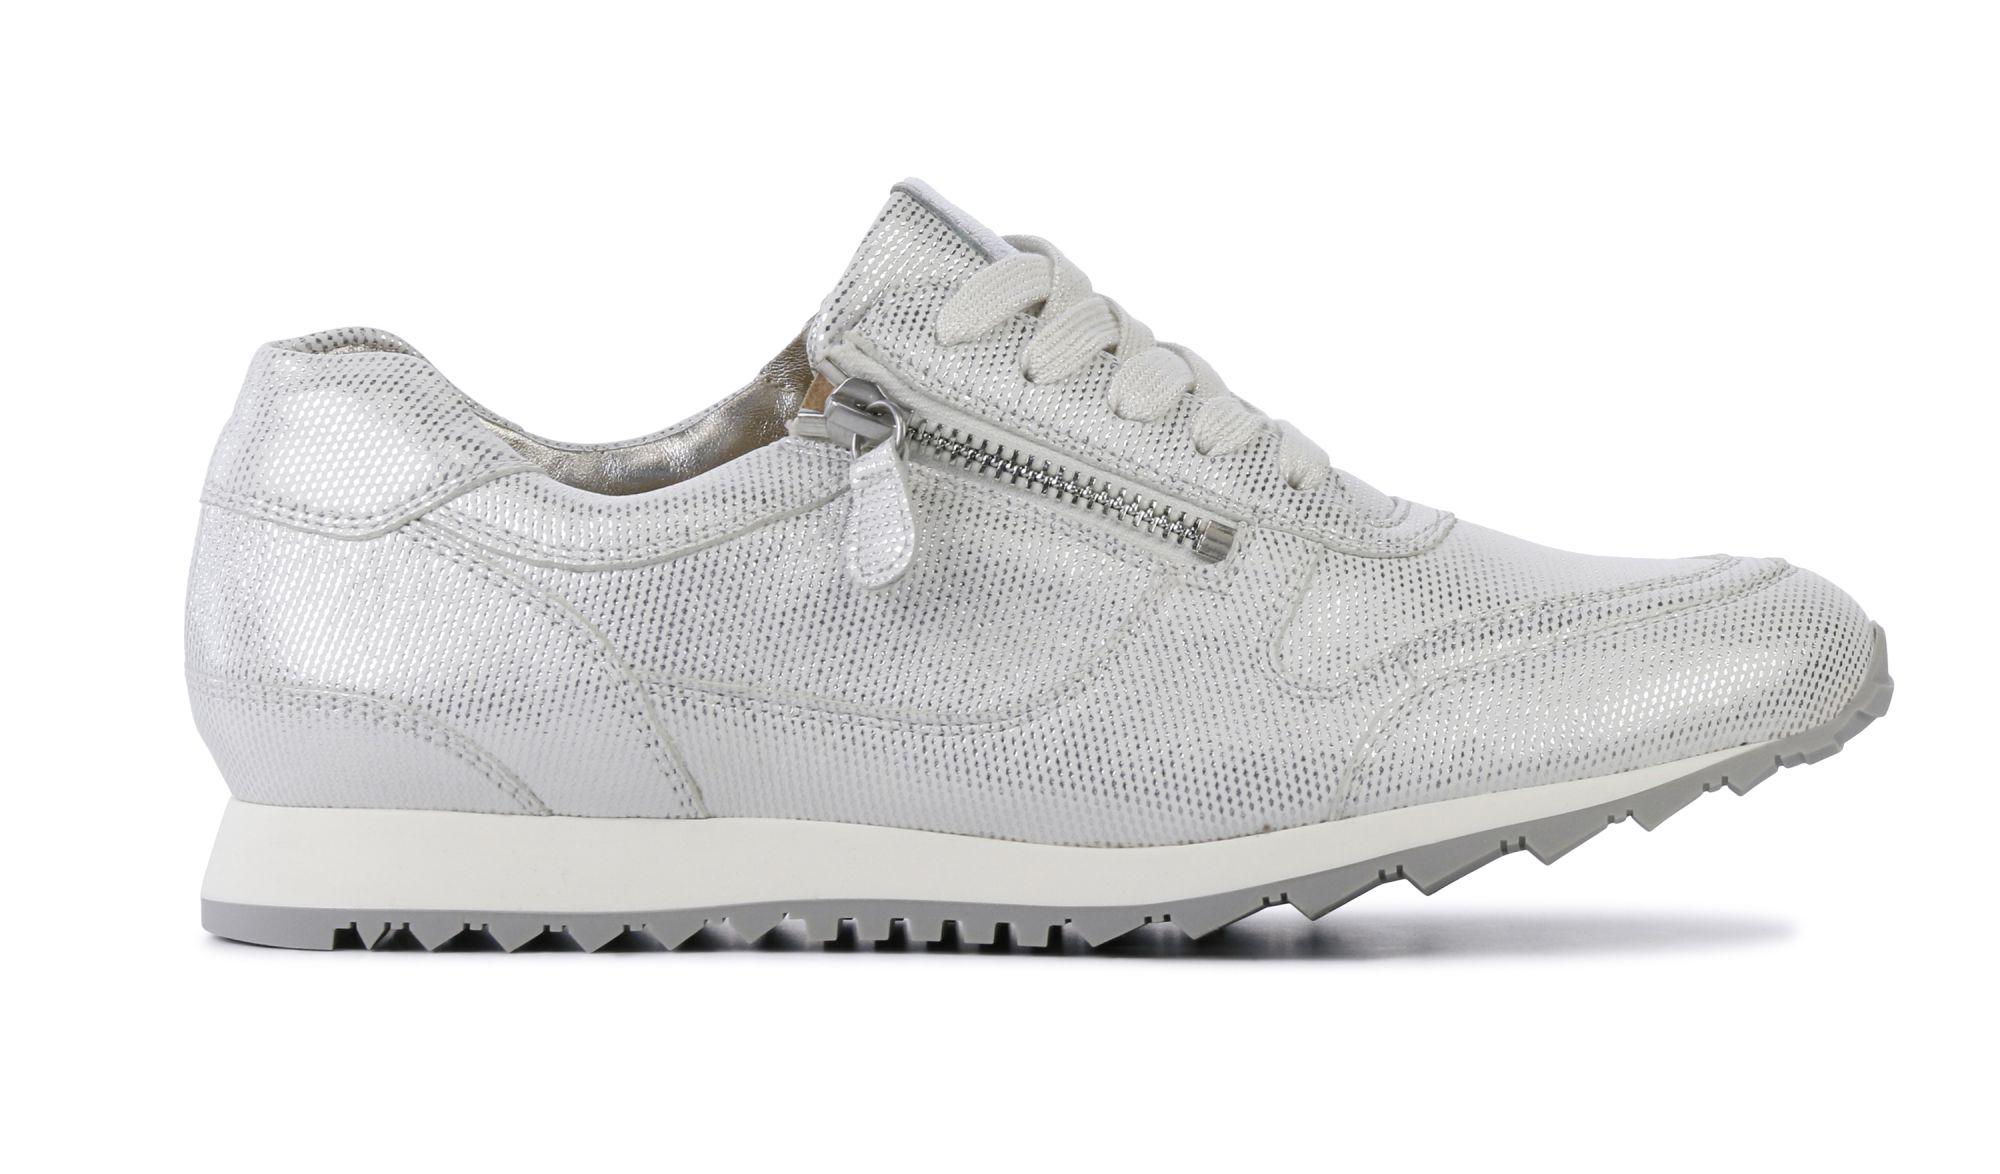 Chaussures De Sport Femmes (blanc) Acheter Pas Cher Meilleur KFqARaK